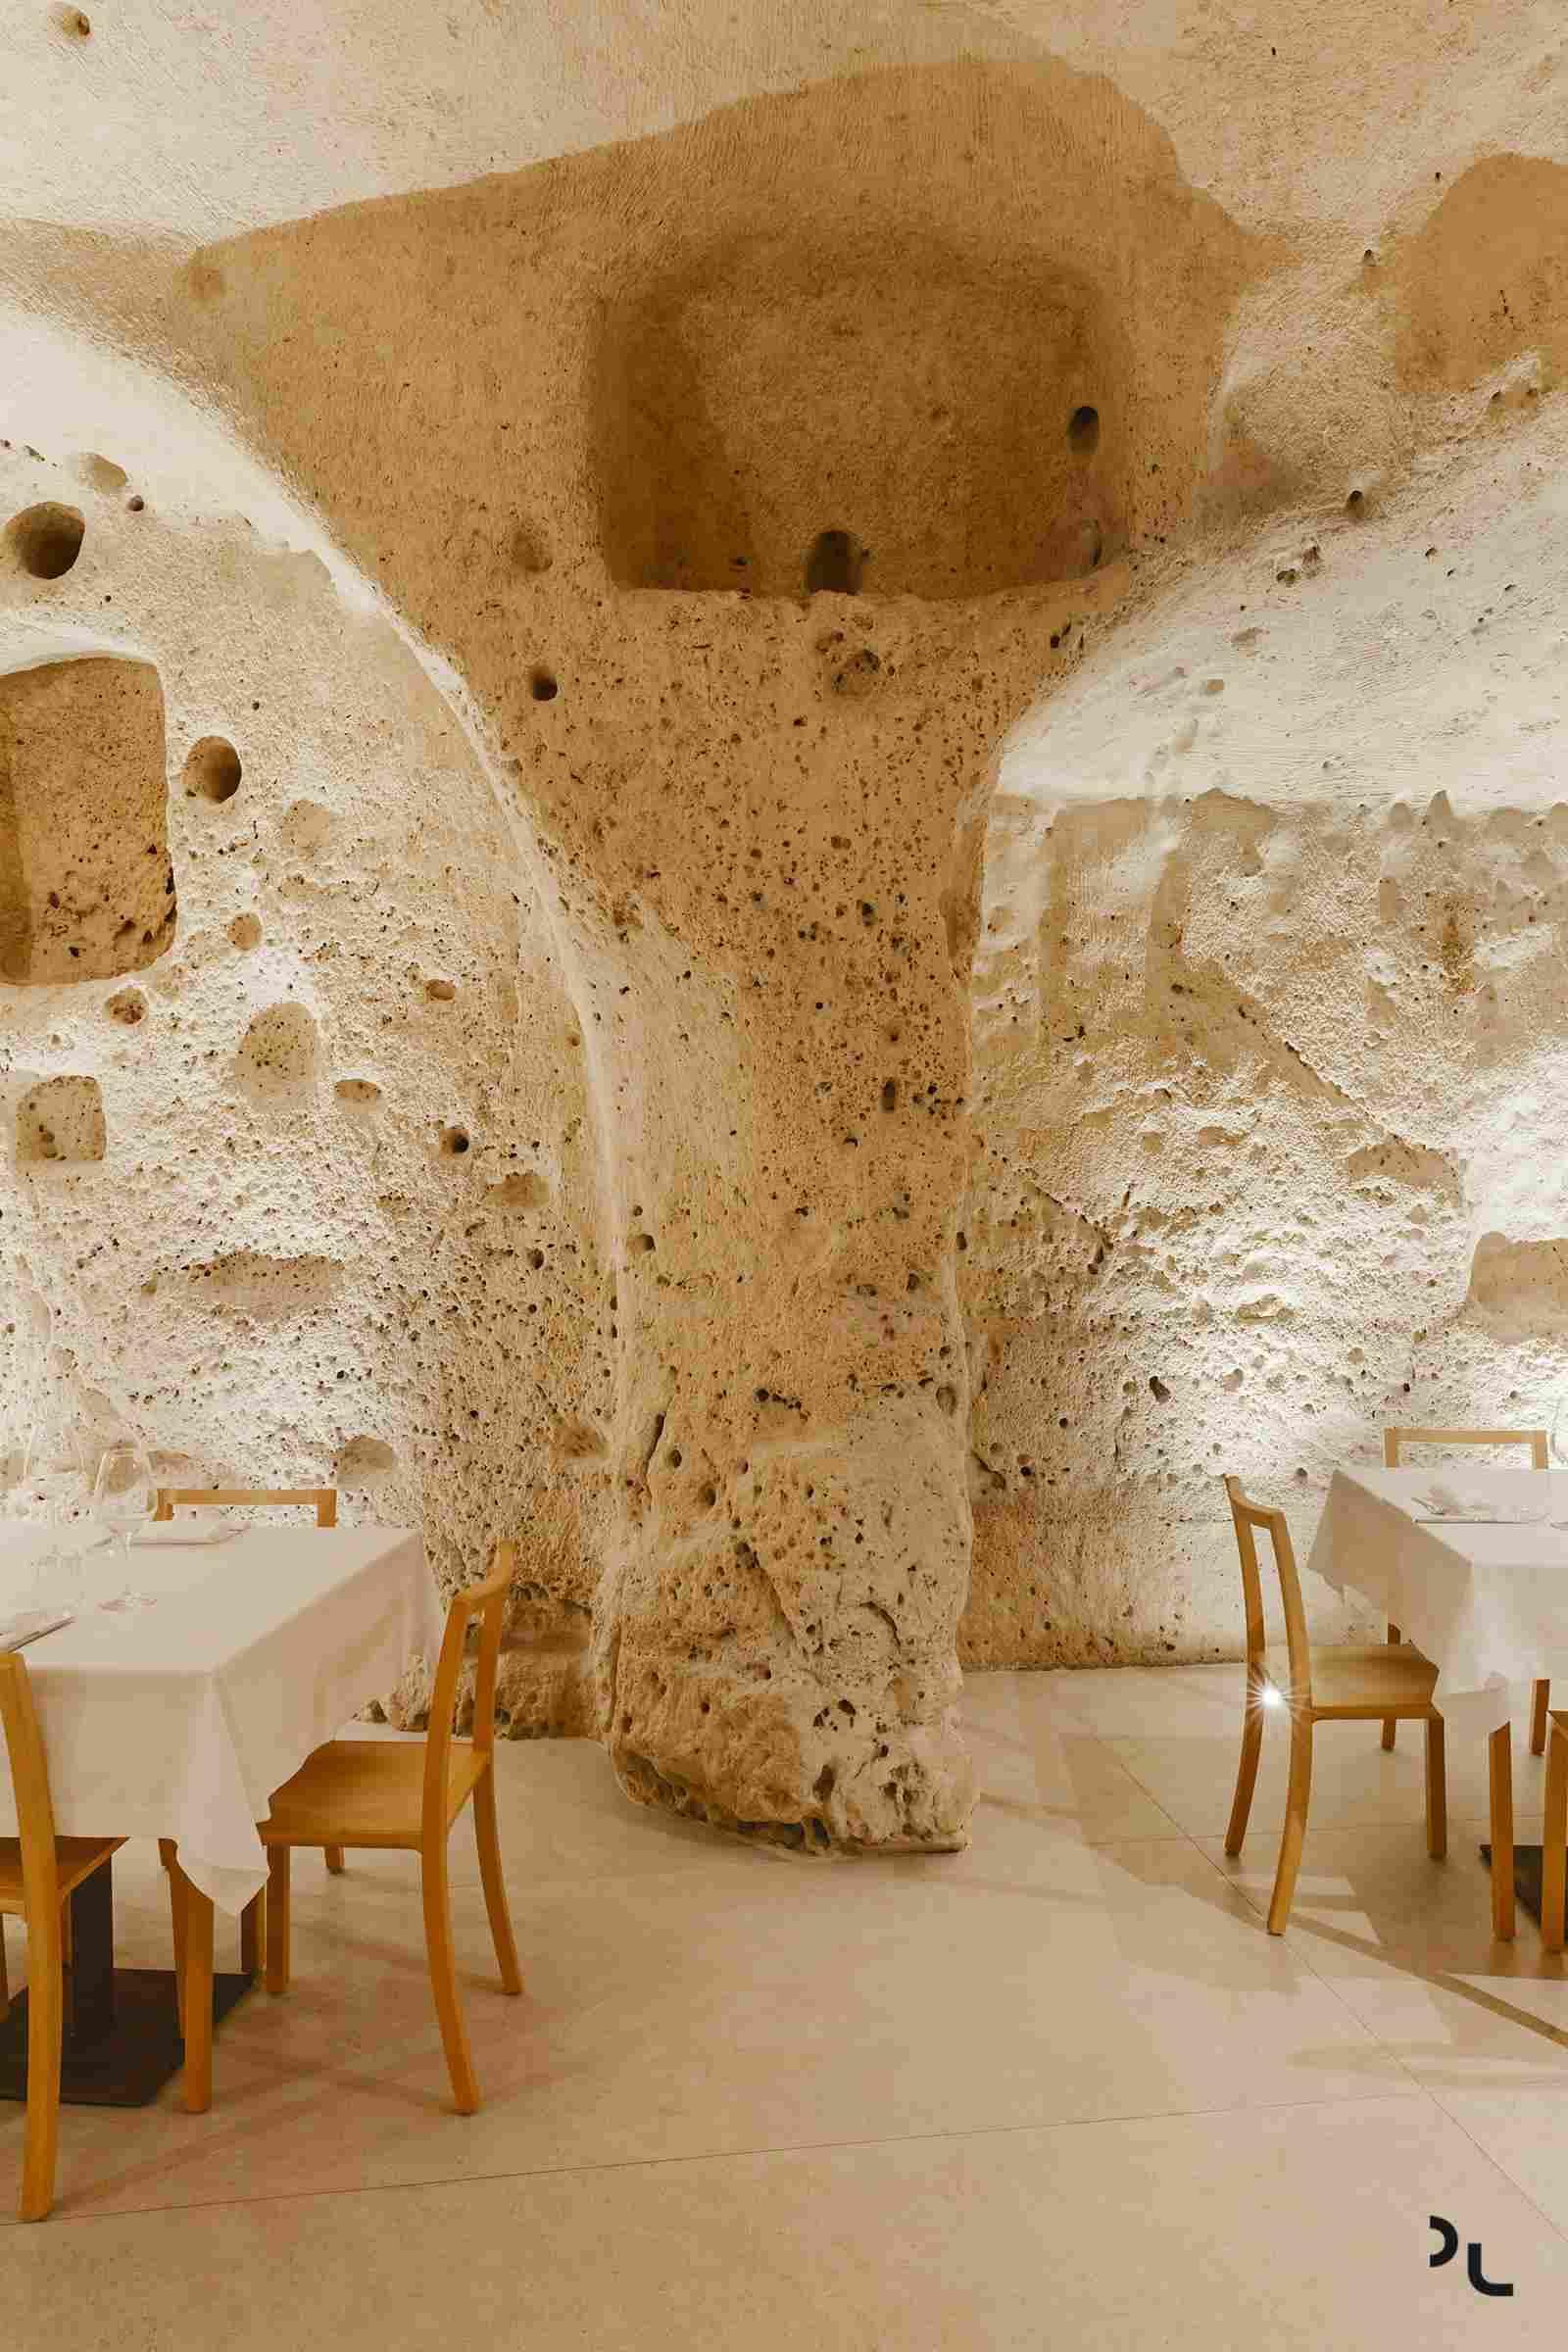 מסעדת oh mari באיטליה, בתוך מערה בת מאות שנים